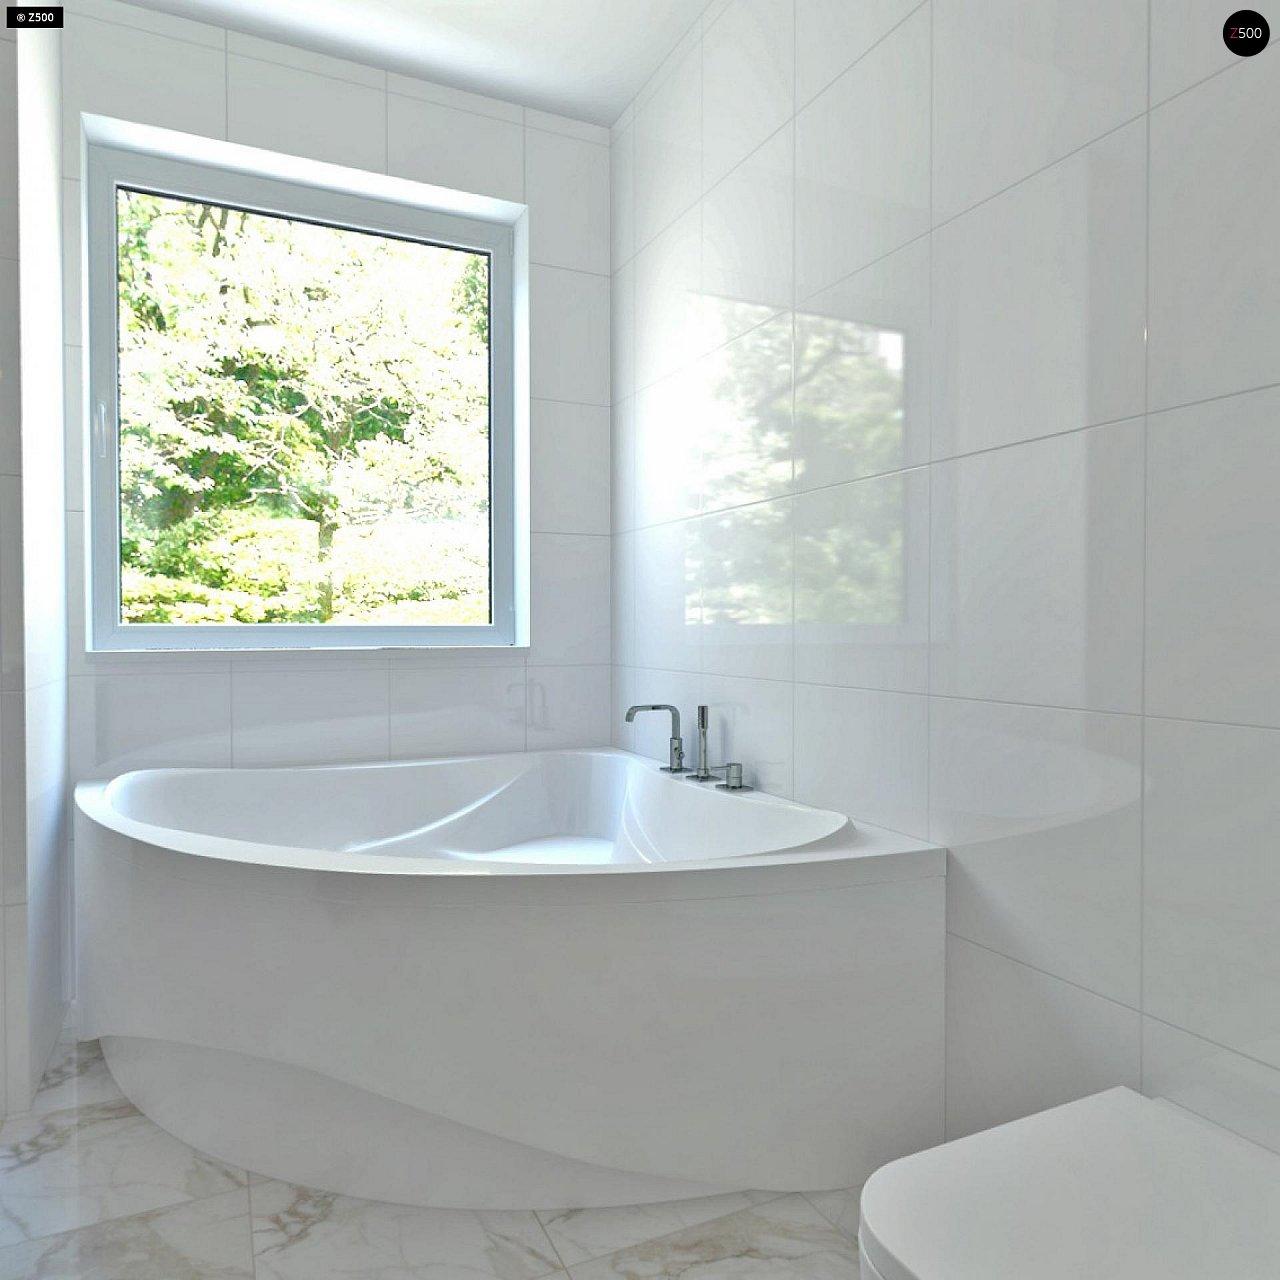 Проект компактного двухэтажного дома строгого современного стиля. - фото 16